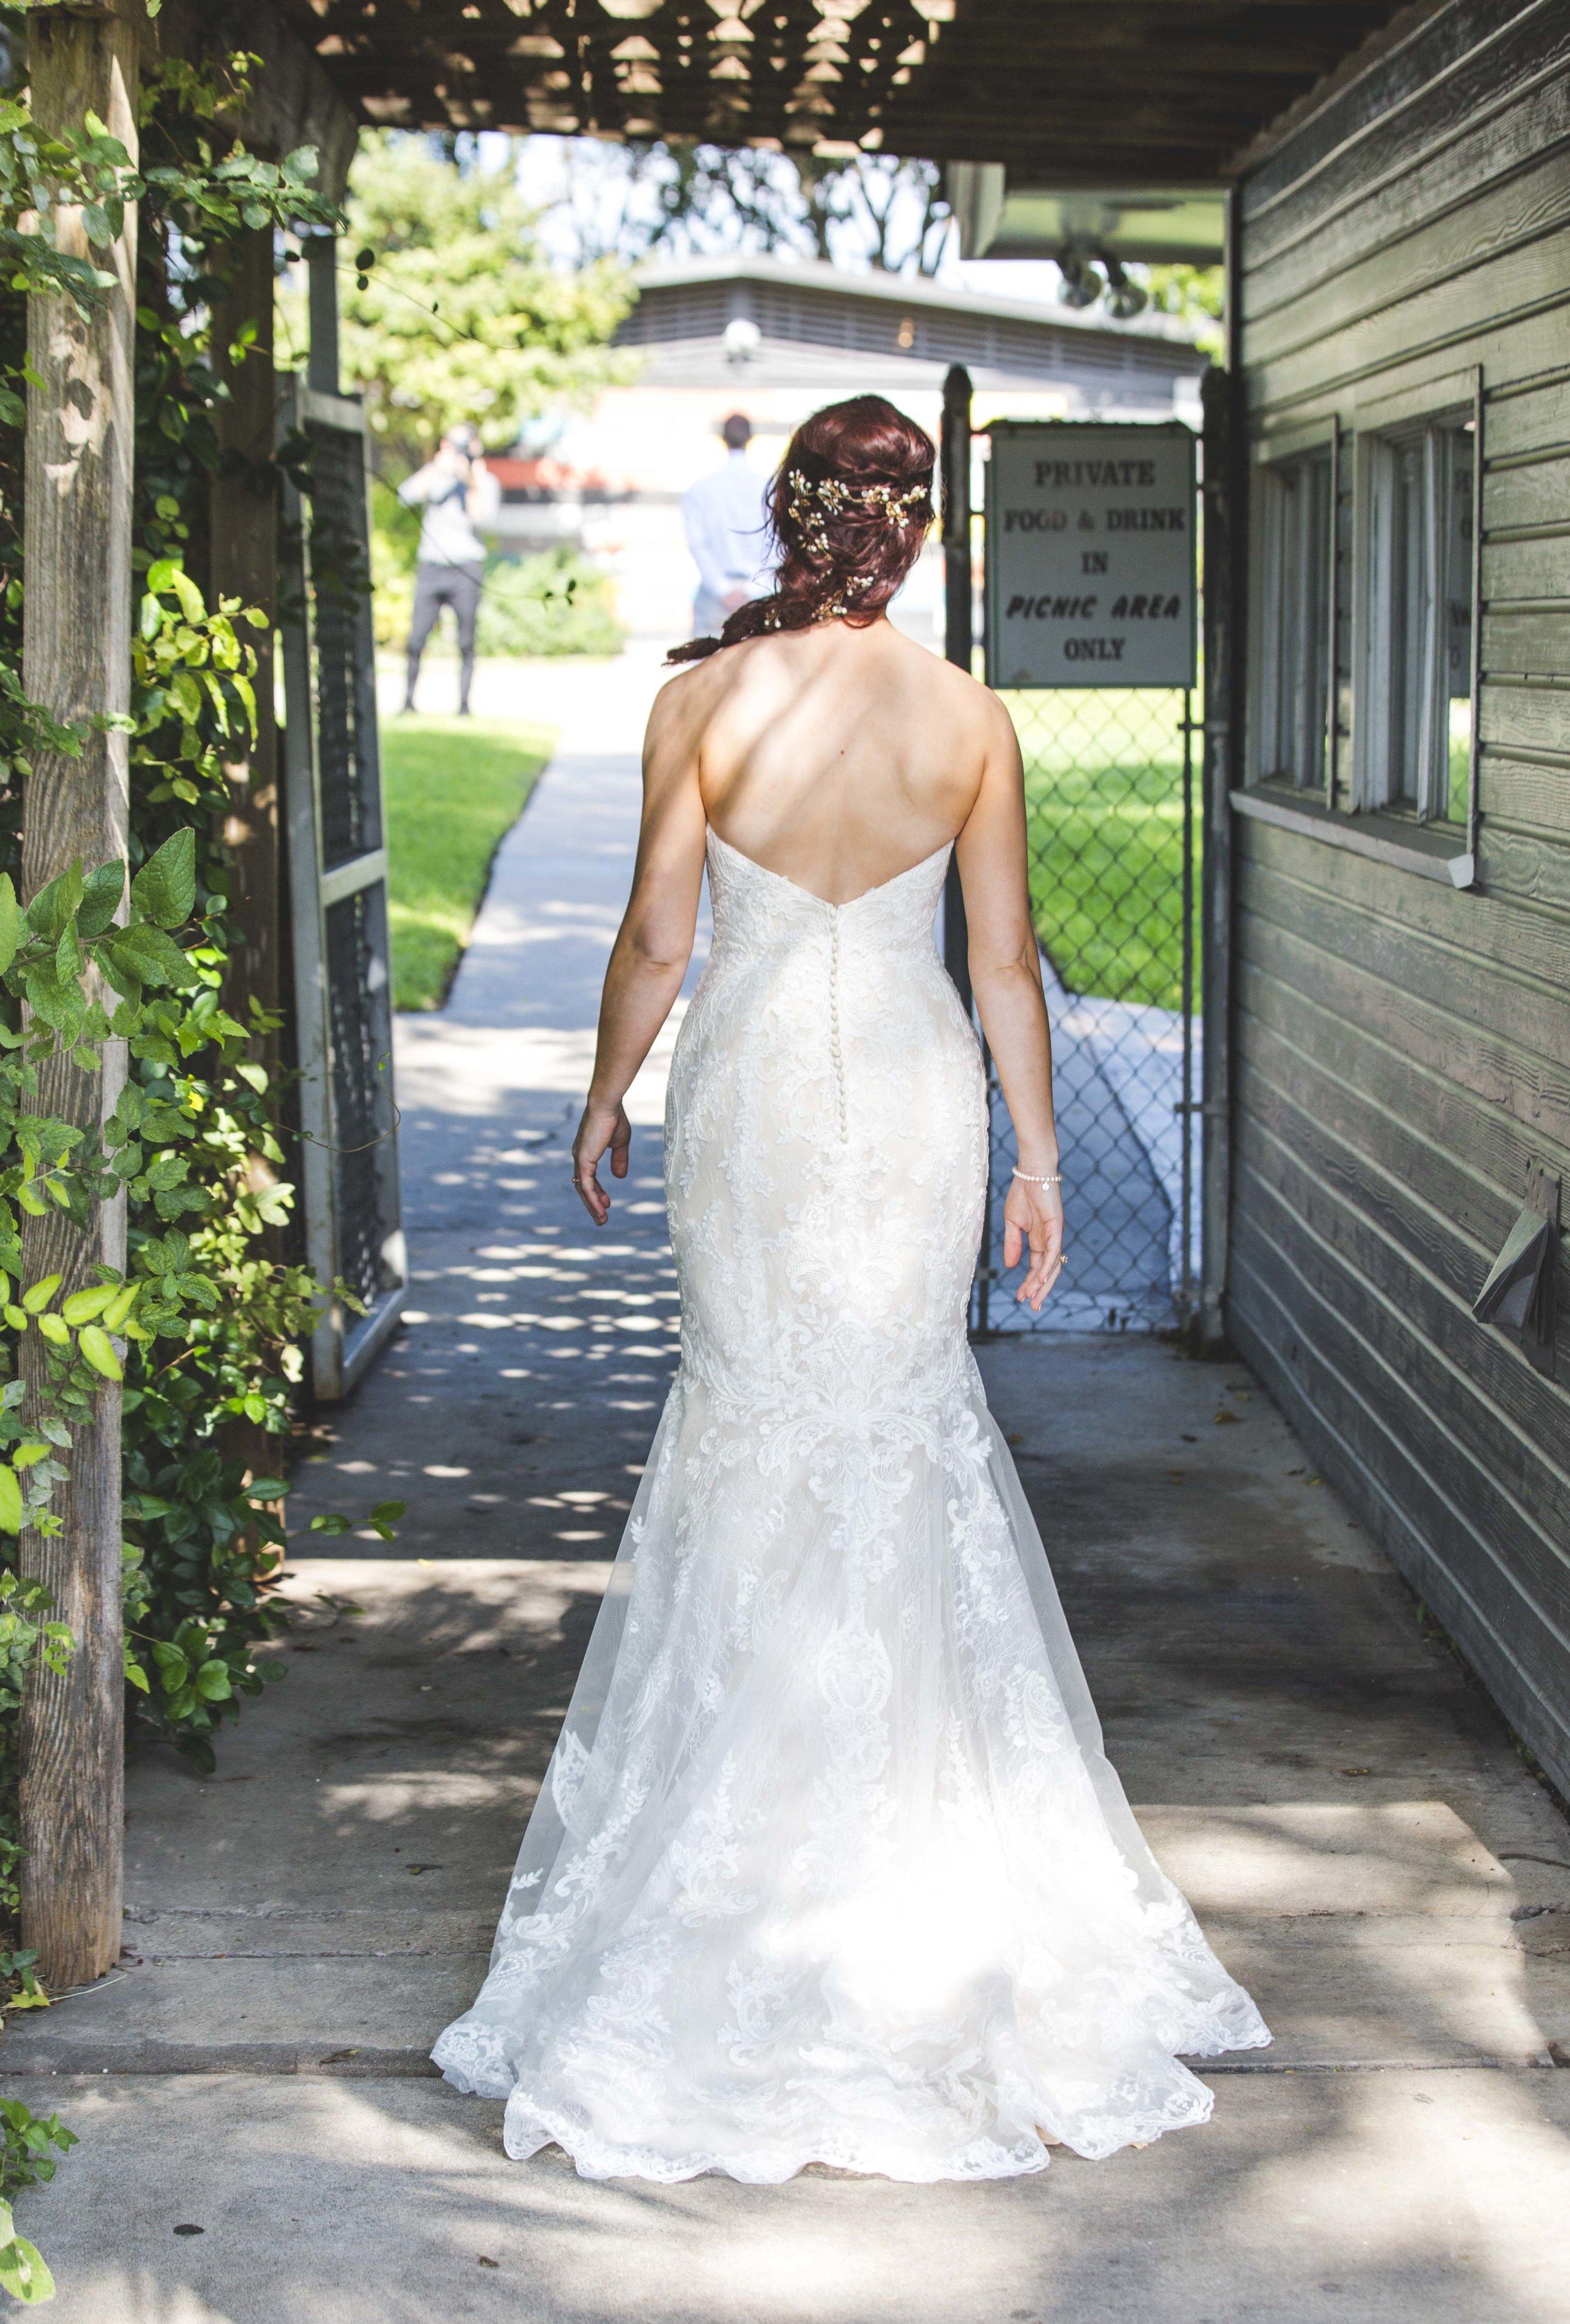 ATGI_Susanna & Matt Wedding_717A7257.jpg